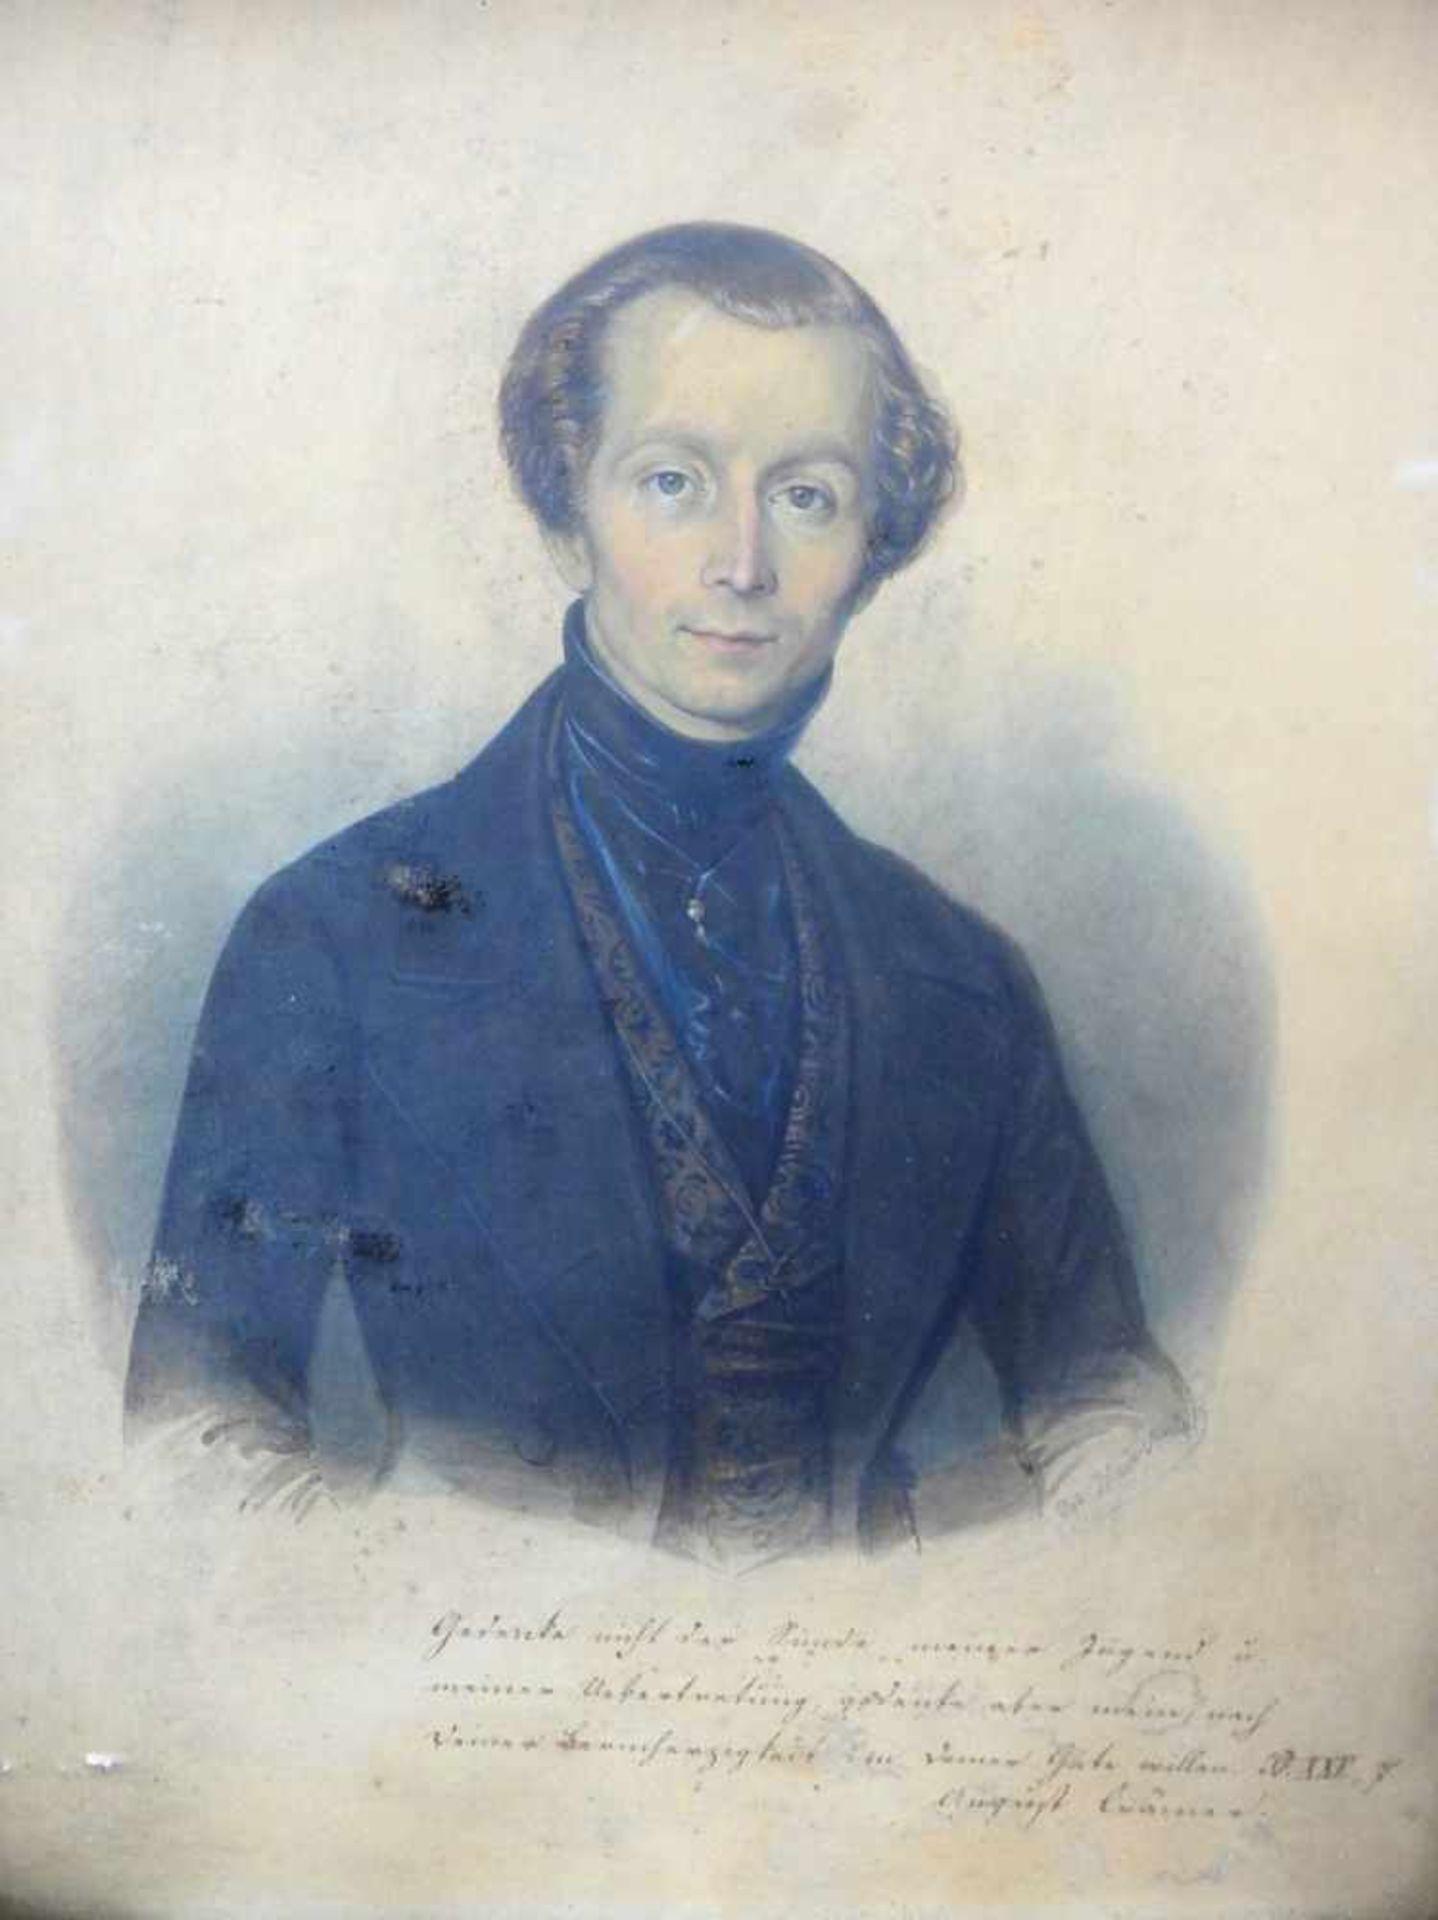 Porträt des August CrämerPastell/Papier. Porträt eines Herrn, betitelt mit August Crämer. Rechts